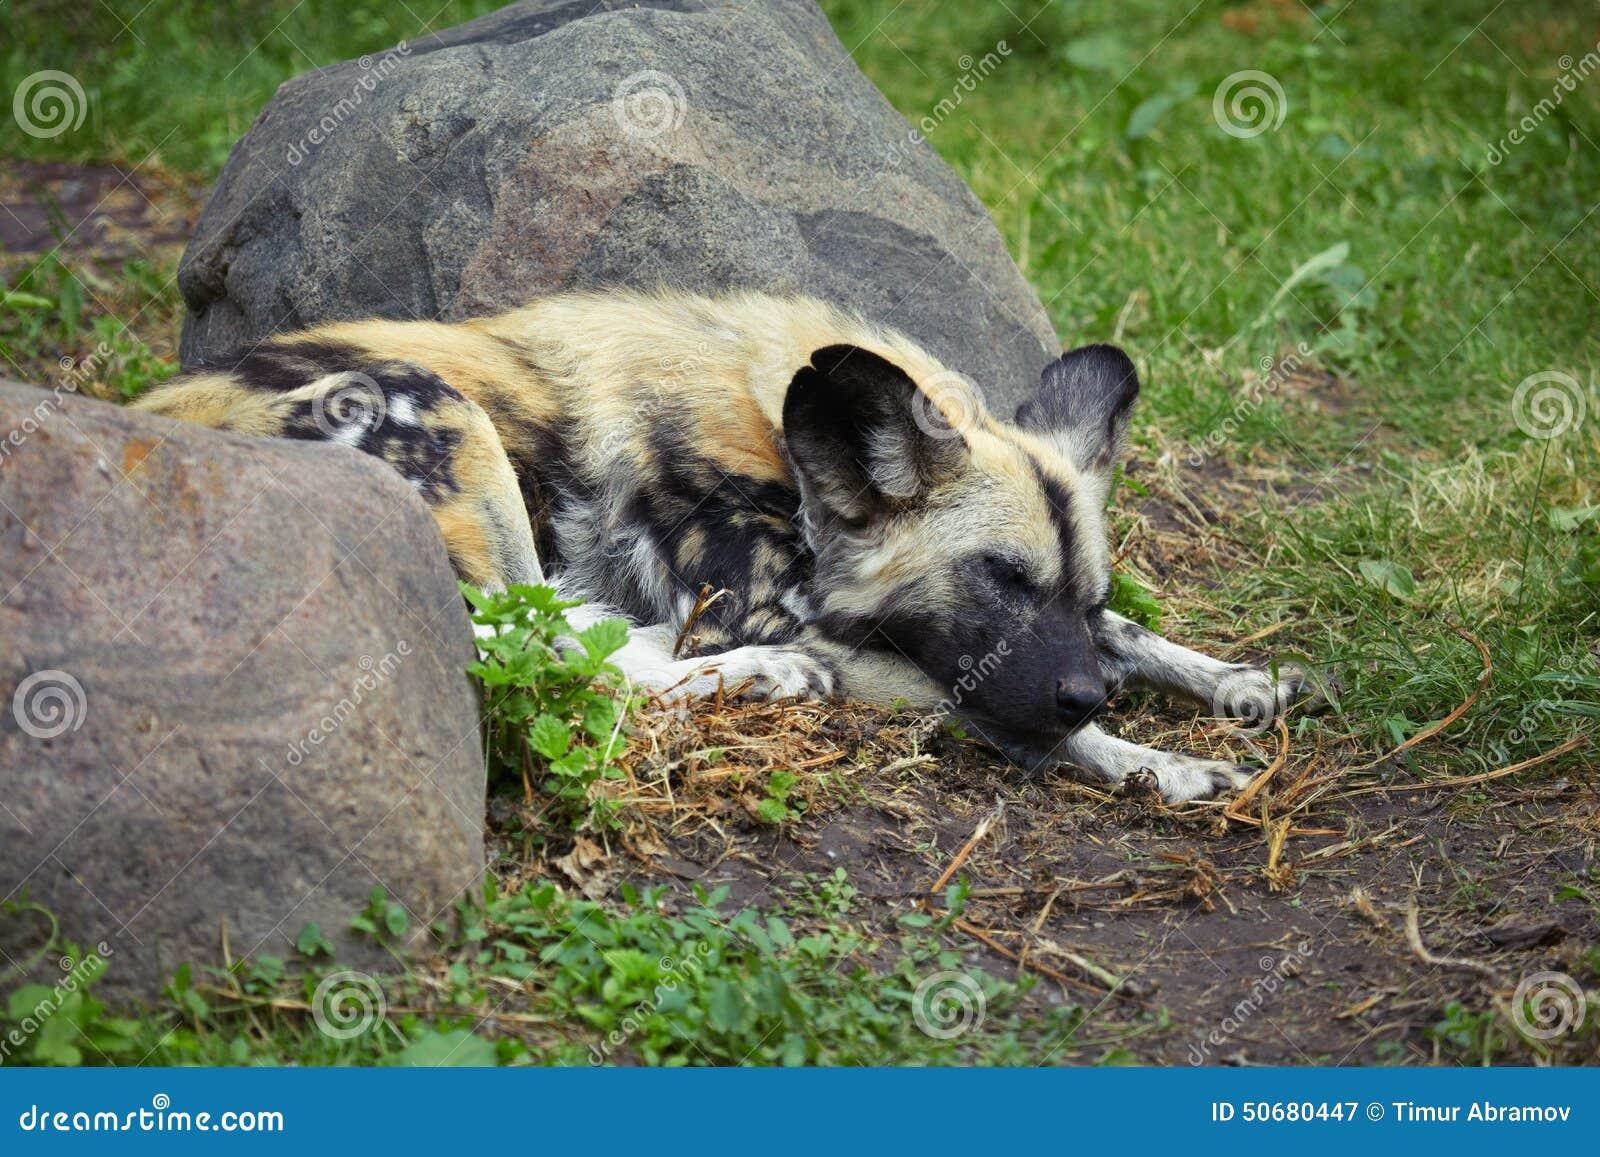 Download 睡觉鬣狗 库存图片. 图片 包括有 草甸, 户外, 水平, 冰砾, 鬣狗, 眼睛, 国家, 绿色, 闹事 - 50680447